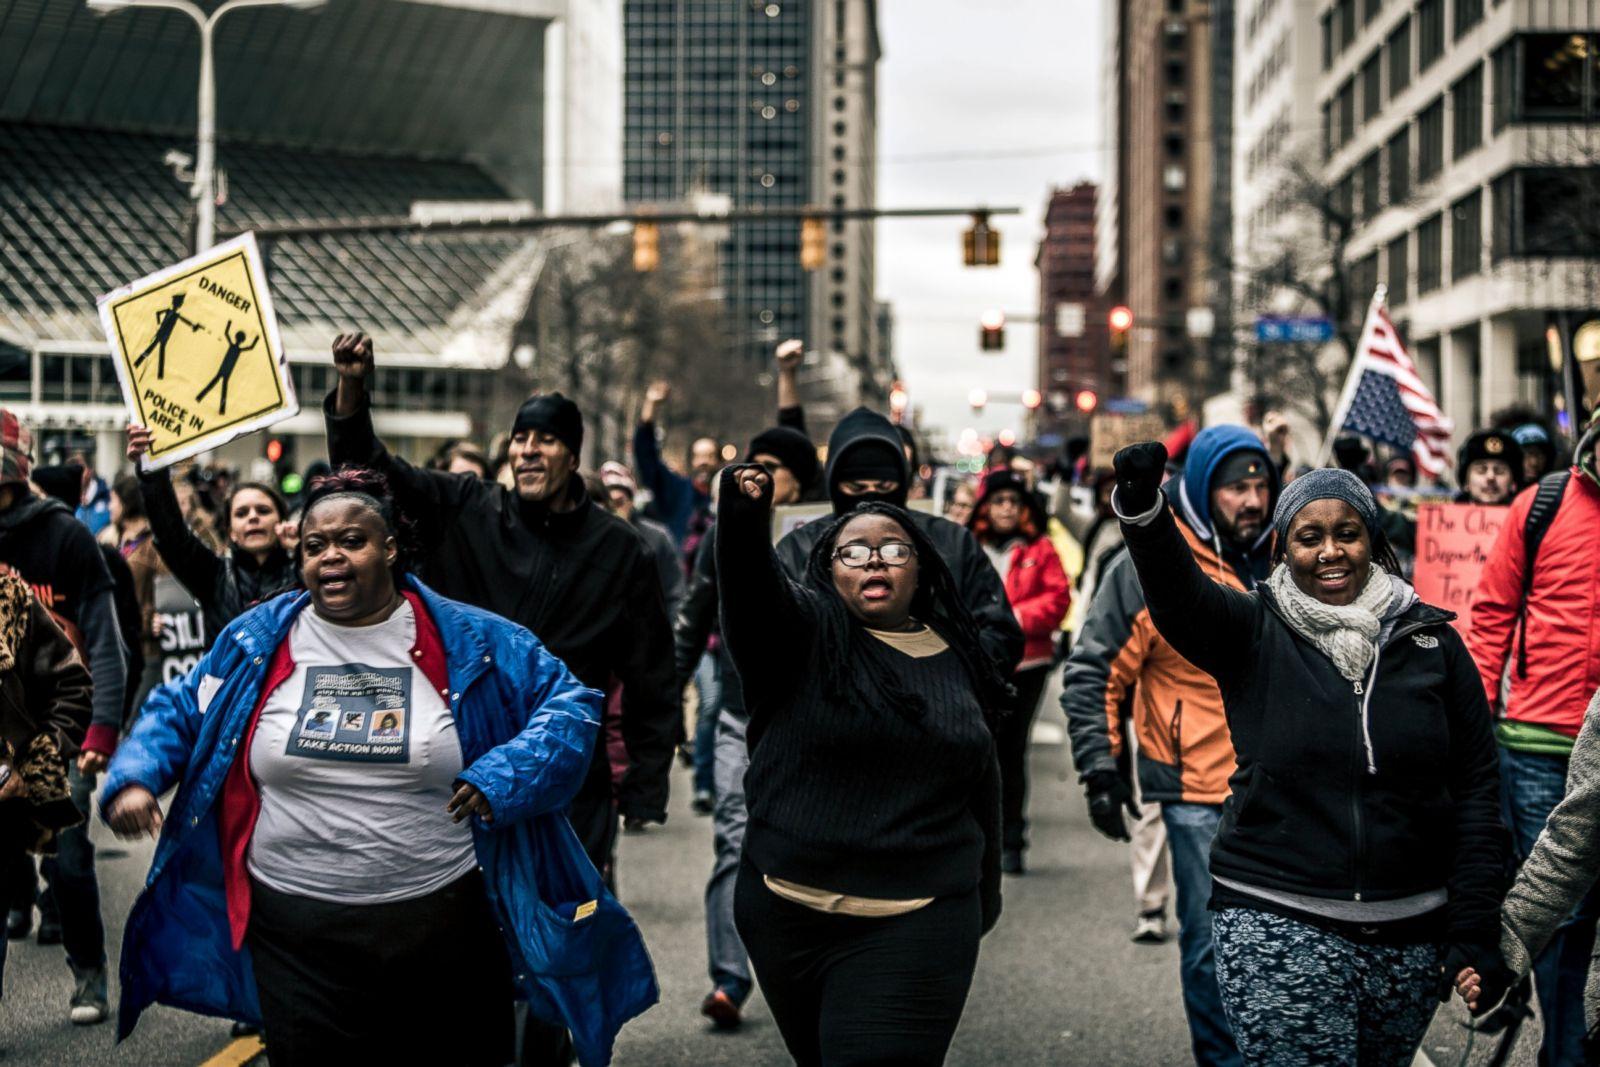 En diciembre de 2015, los manifestantes salieron a las calles del centro de Cleveland al día siguiente de que el jurado local decidiera no acusar a Loehmann y a su compañero. Fotografía: Michael Nigro/Pacific Press/LightRocket via Getty Images